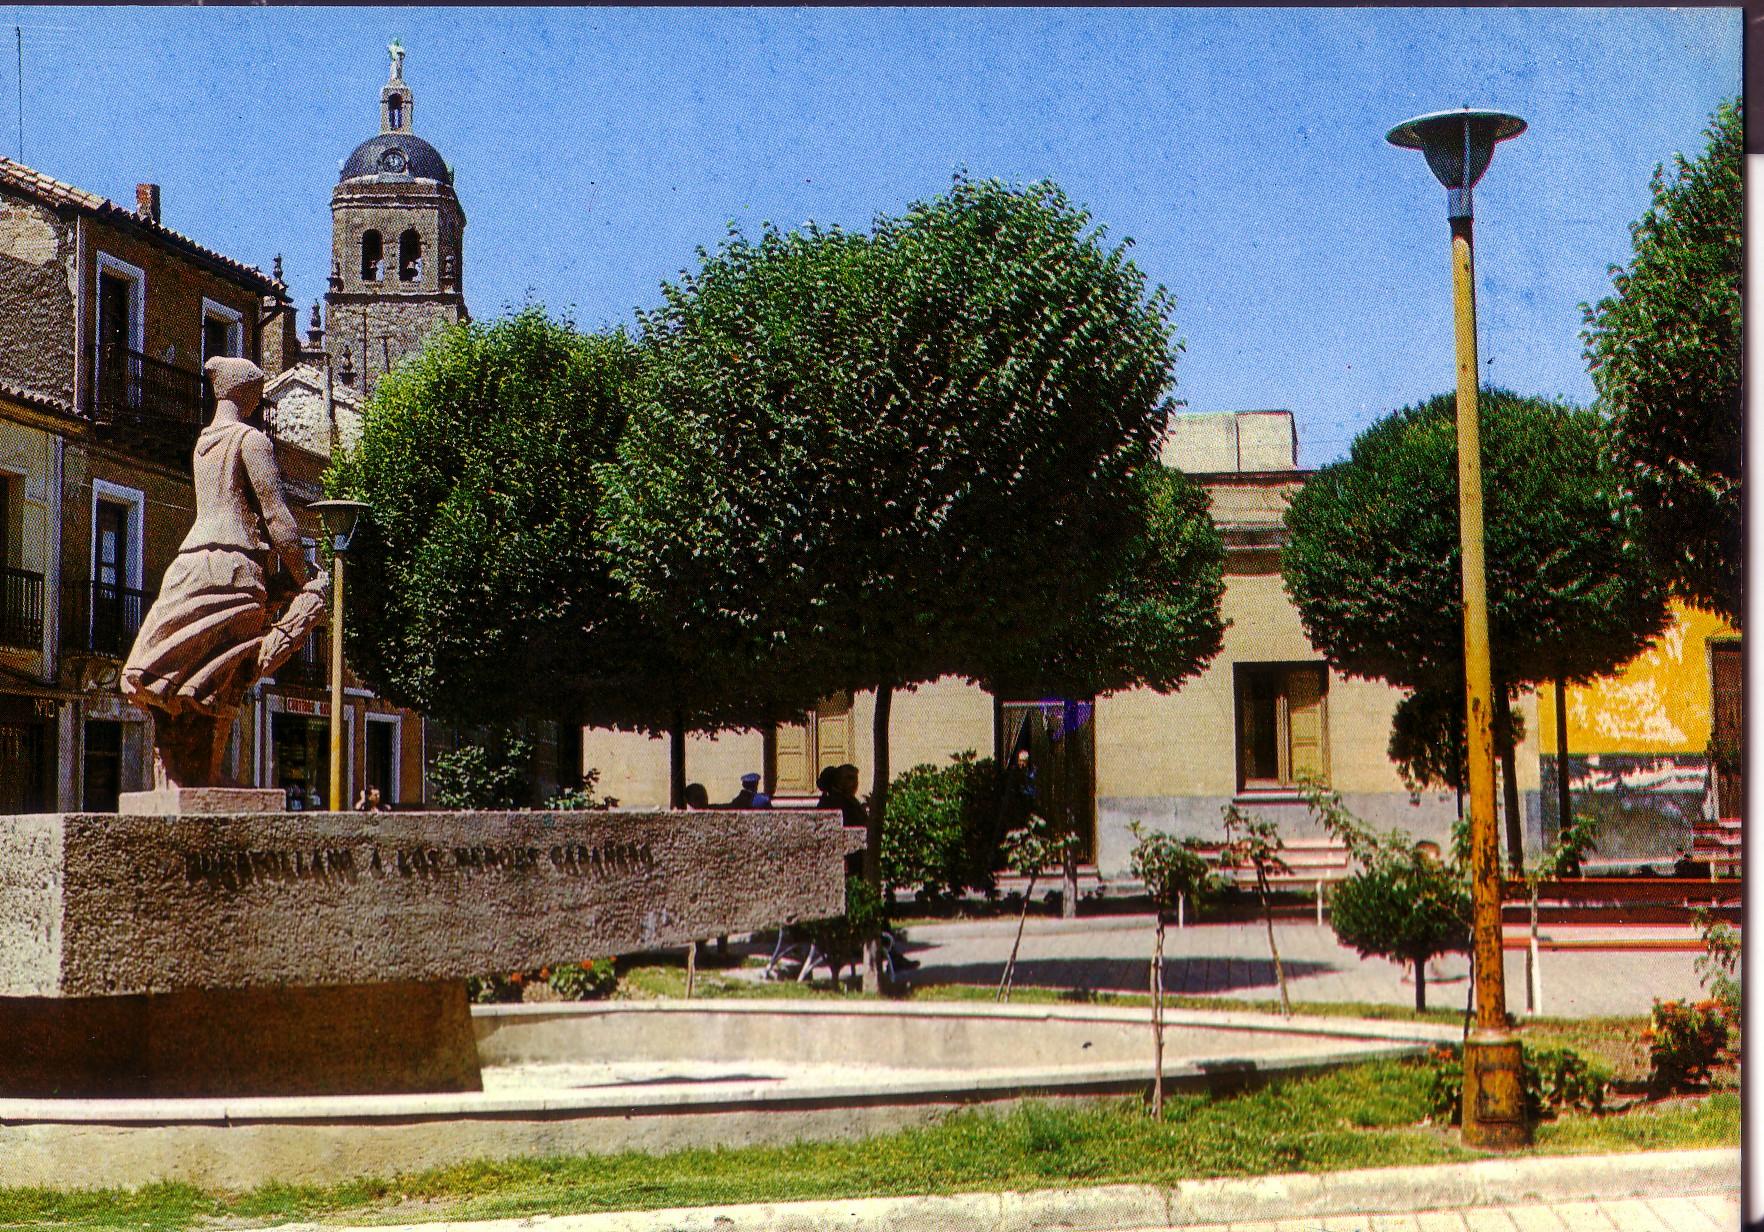 Monumento Héroes Cabañero inaugurado en 1961